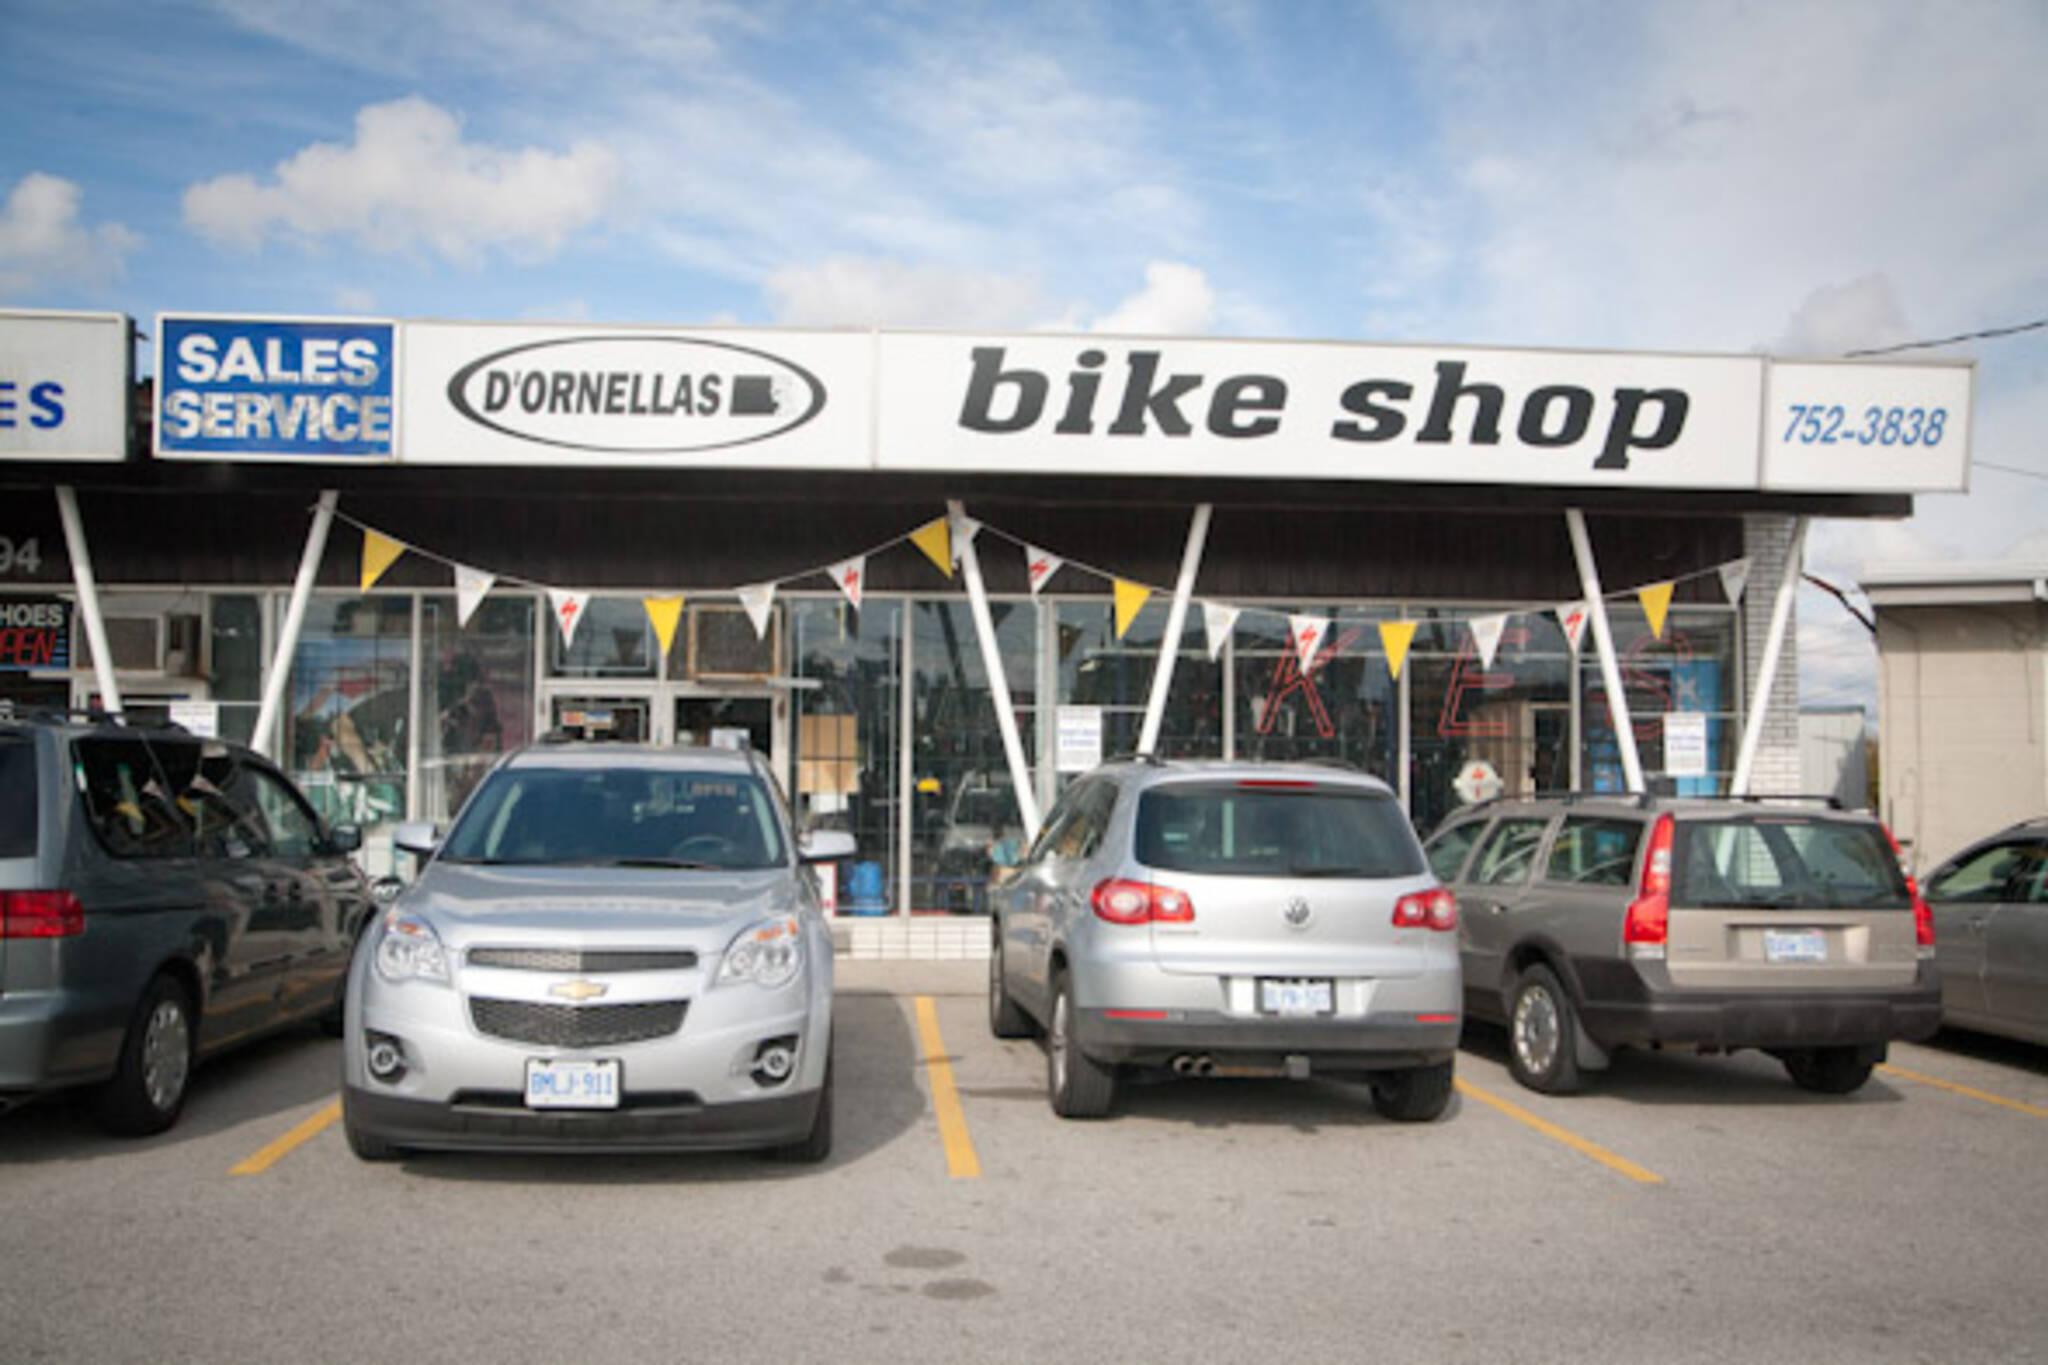 D'Ornellas Bike Shop